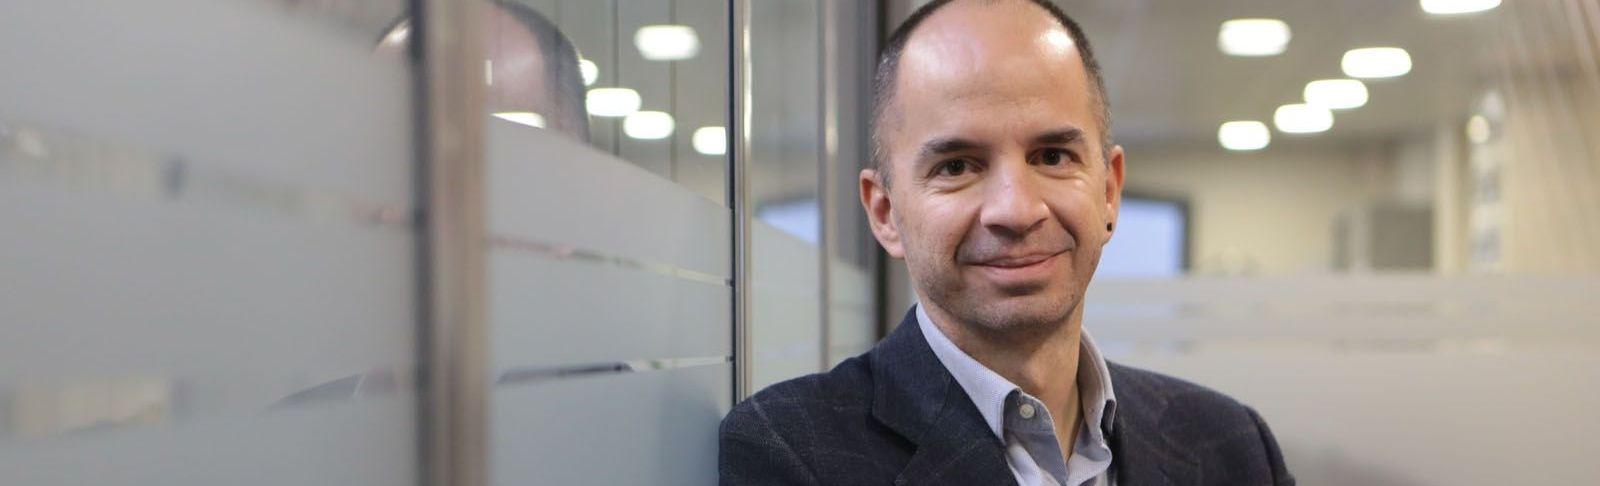 Guifré Homedes és director general d'Amat Immobiliaris | Artur Ribera